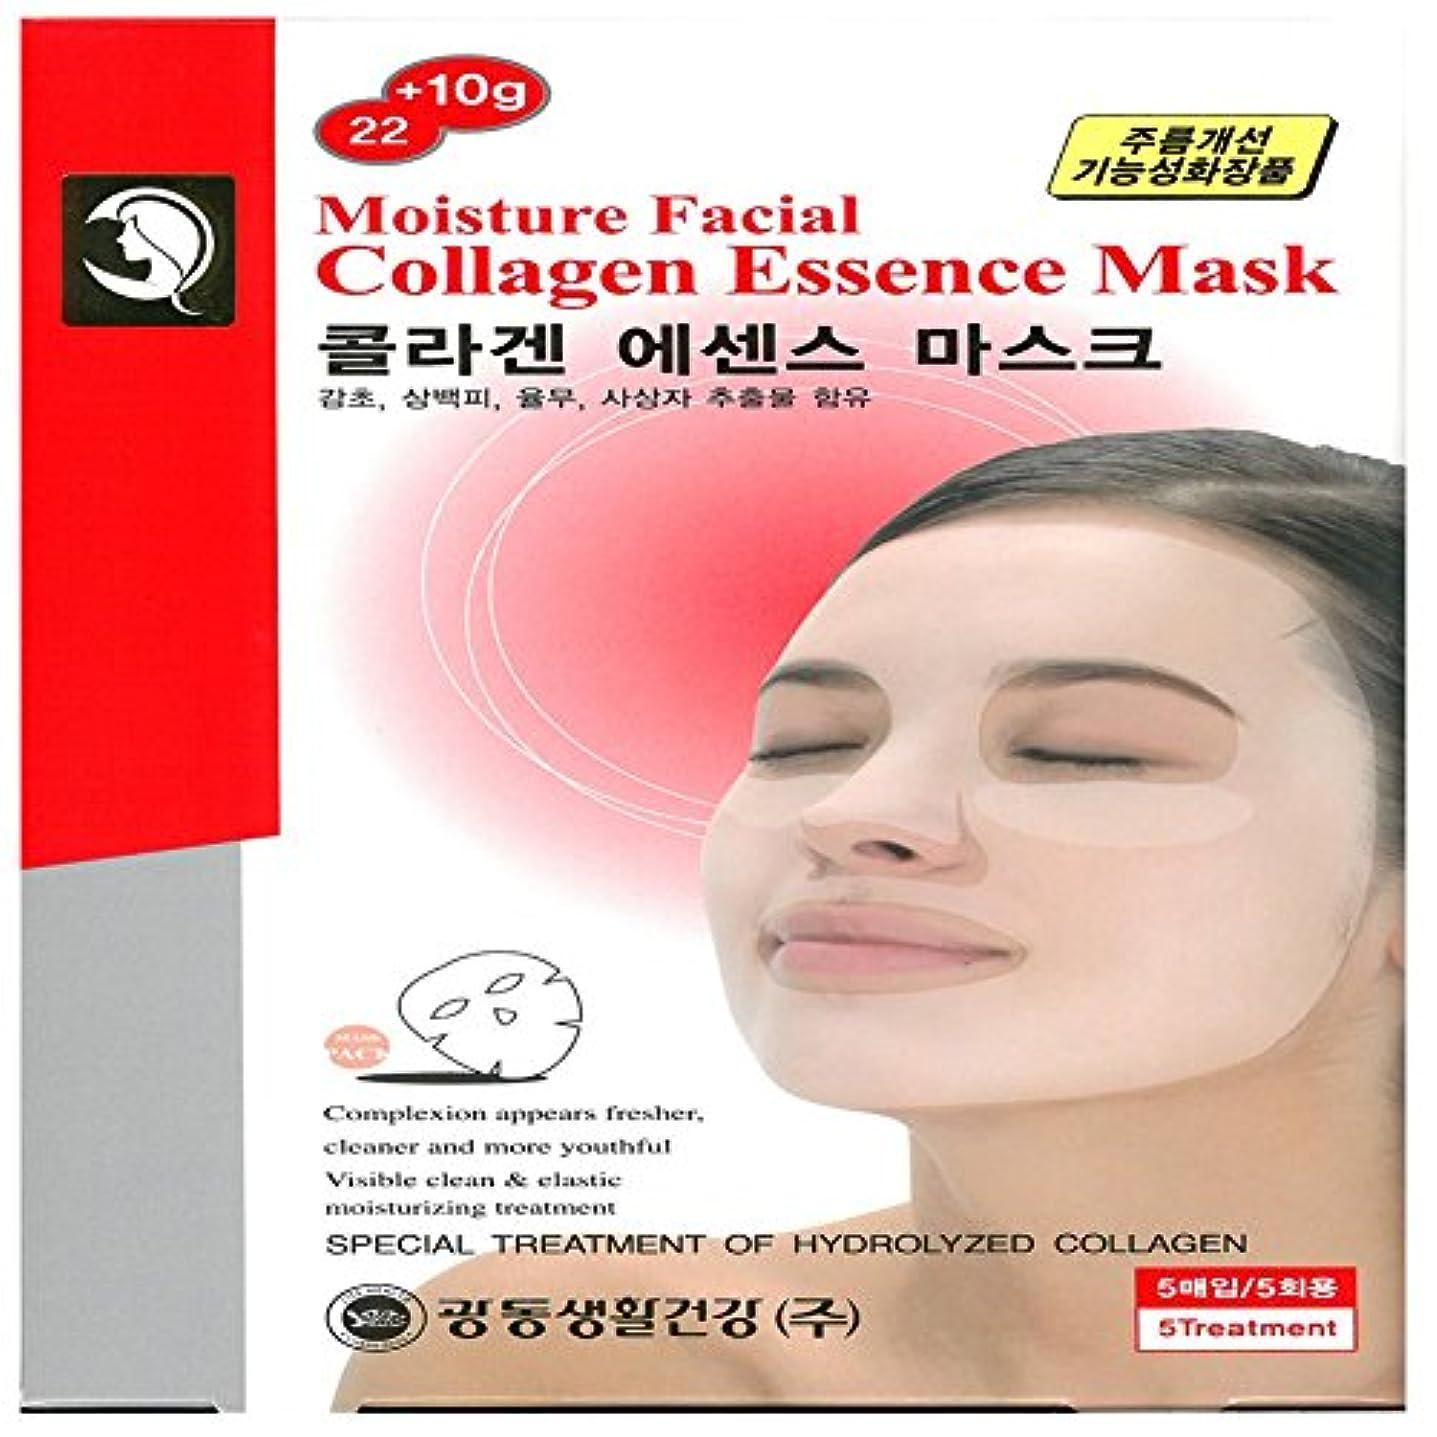 受け継ぐサミット粘液[光東] kwangdong モイスチャーフェイシャルコラーゲンエッセンスマスク Moisture Facial Collagen Essence Mask 32gX5ea (海外直送品) [並行輸入品]